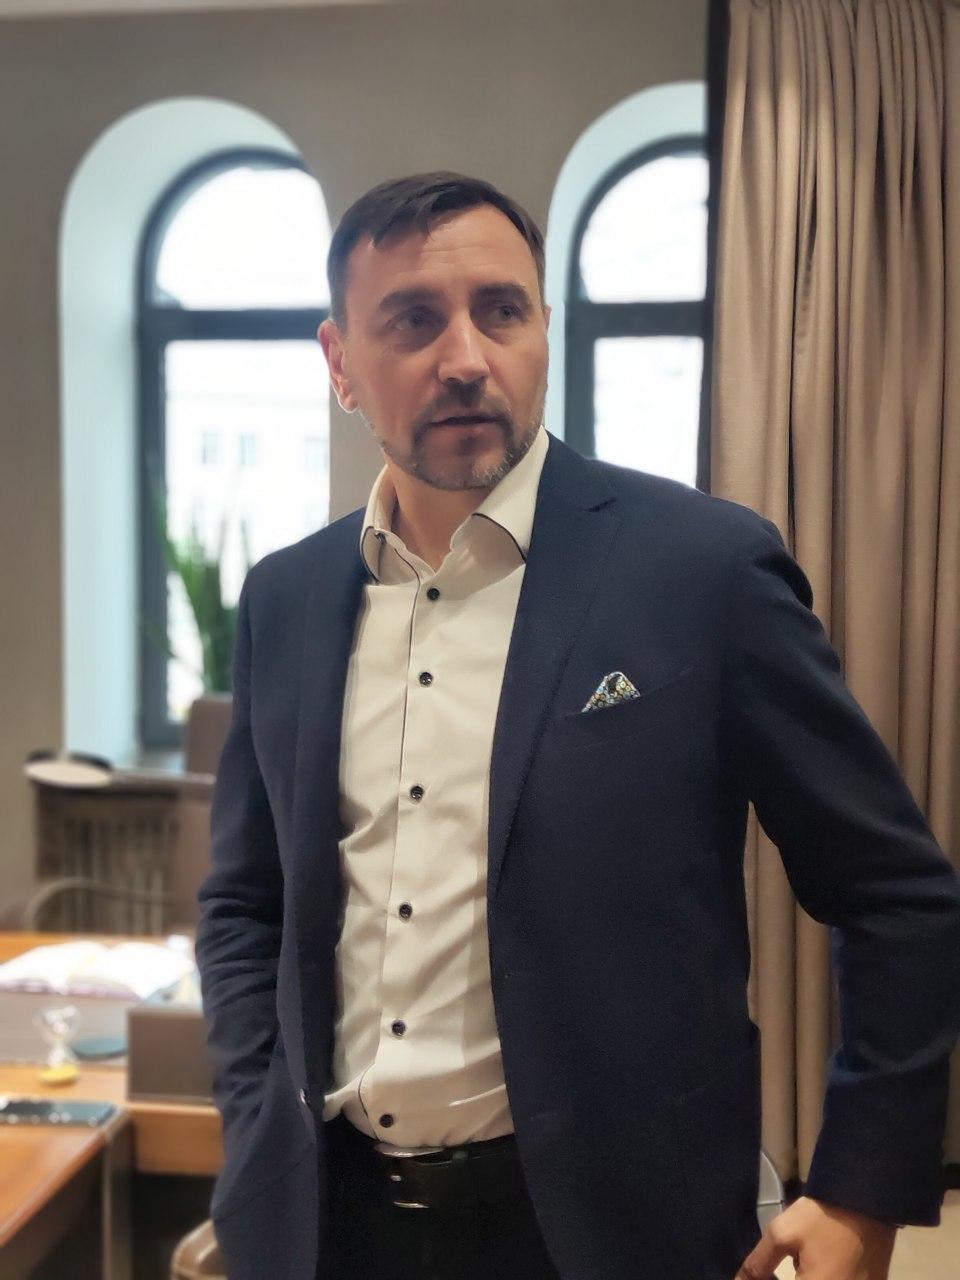 Вячеслав Лысенко: «Новый бизнес будет идти в паре с наукой» 8